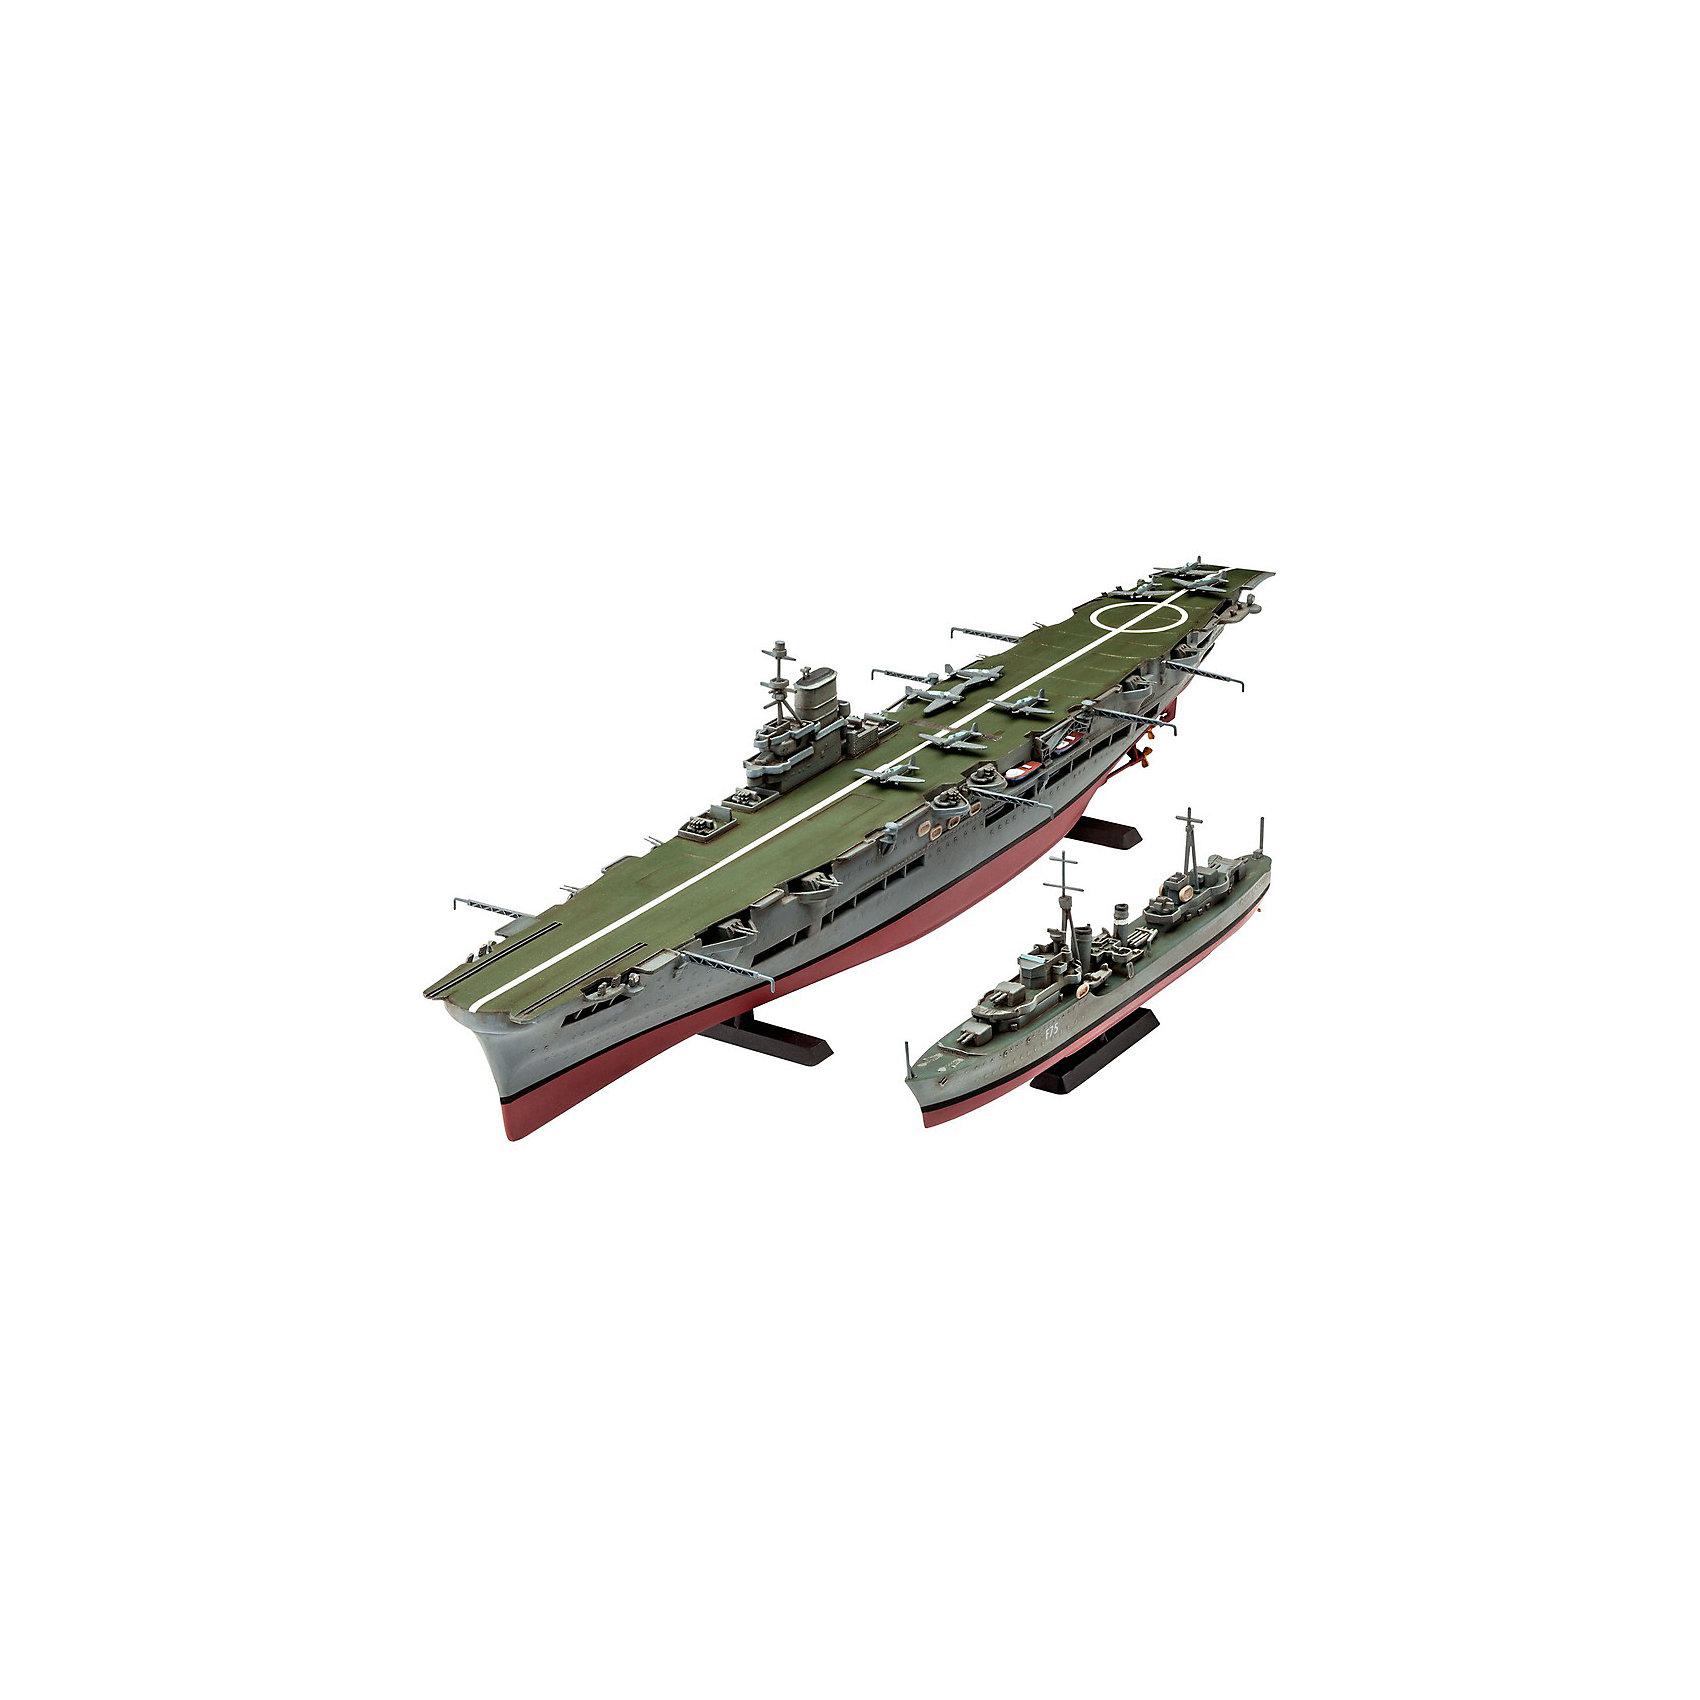 Авианосец Королевских ВМС Великобритании и эскадренный миноносец типа «Трайбл»Модели для склеивания<br>Этот набор моделей от Revell позволит вам собрать сразу два британских корабля в масштабе 1 к 720. В комплект входят пластиковые детали для сборки  авианосца Ark Royal и миноносца типа Tribal. Обе модели необходимо склеить, а затем покрасить. <br>Модели состоят из 110 деталей. Декаль для покраски авианосца в схему 1939-1941 годов, а также для эсминца F75 Eskimo.   <br>Внимание! Все расходные материалы, такие как краски и клей покупаются самостоятельно. В набор они не входят. <br>Набор моделей рекомендуется для детей в возрасте от 12 лет.<br><br>Ширина мм: 9999<br>Глубина мм: 9999<br>Высота мм: 9999<br>Вес г: 9999<br>Возраст от месяцев: 144<br>Возраст до месяцев: 2147483647<br>Пол: Мужской<br>Возраст: Детский<br>SKU: 7122369